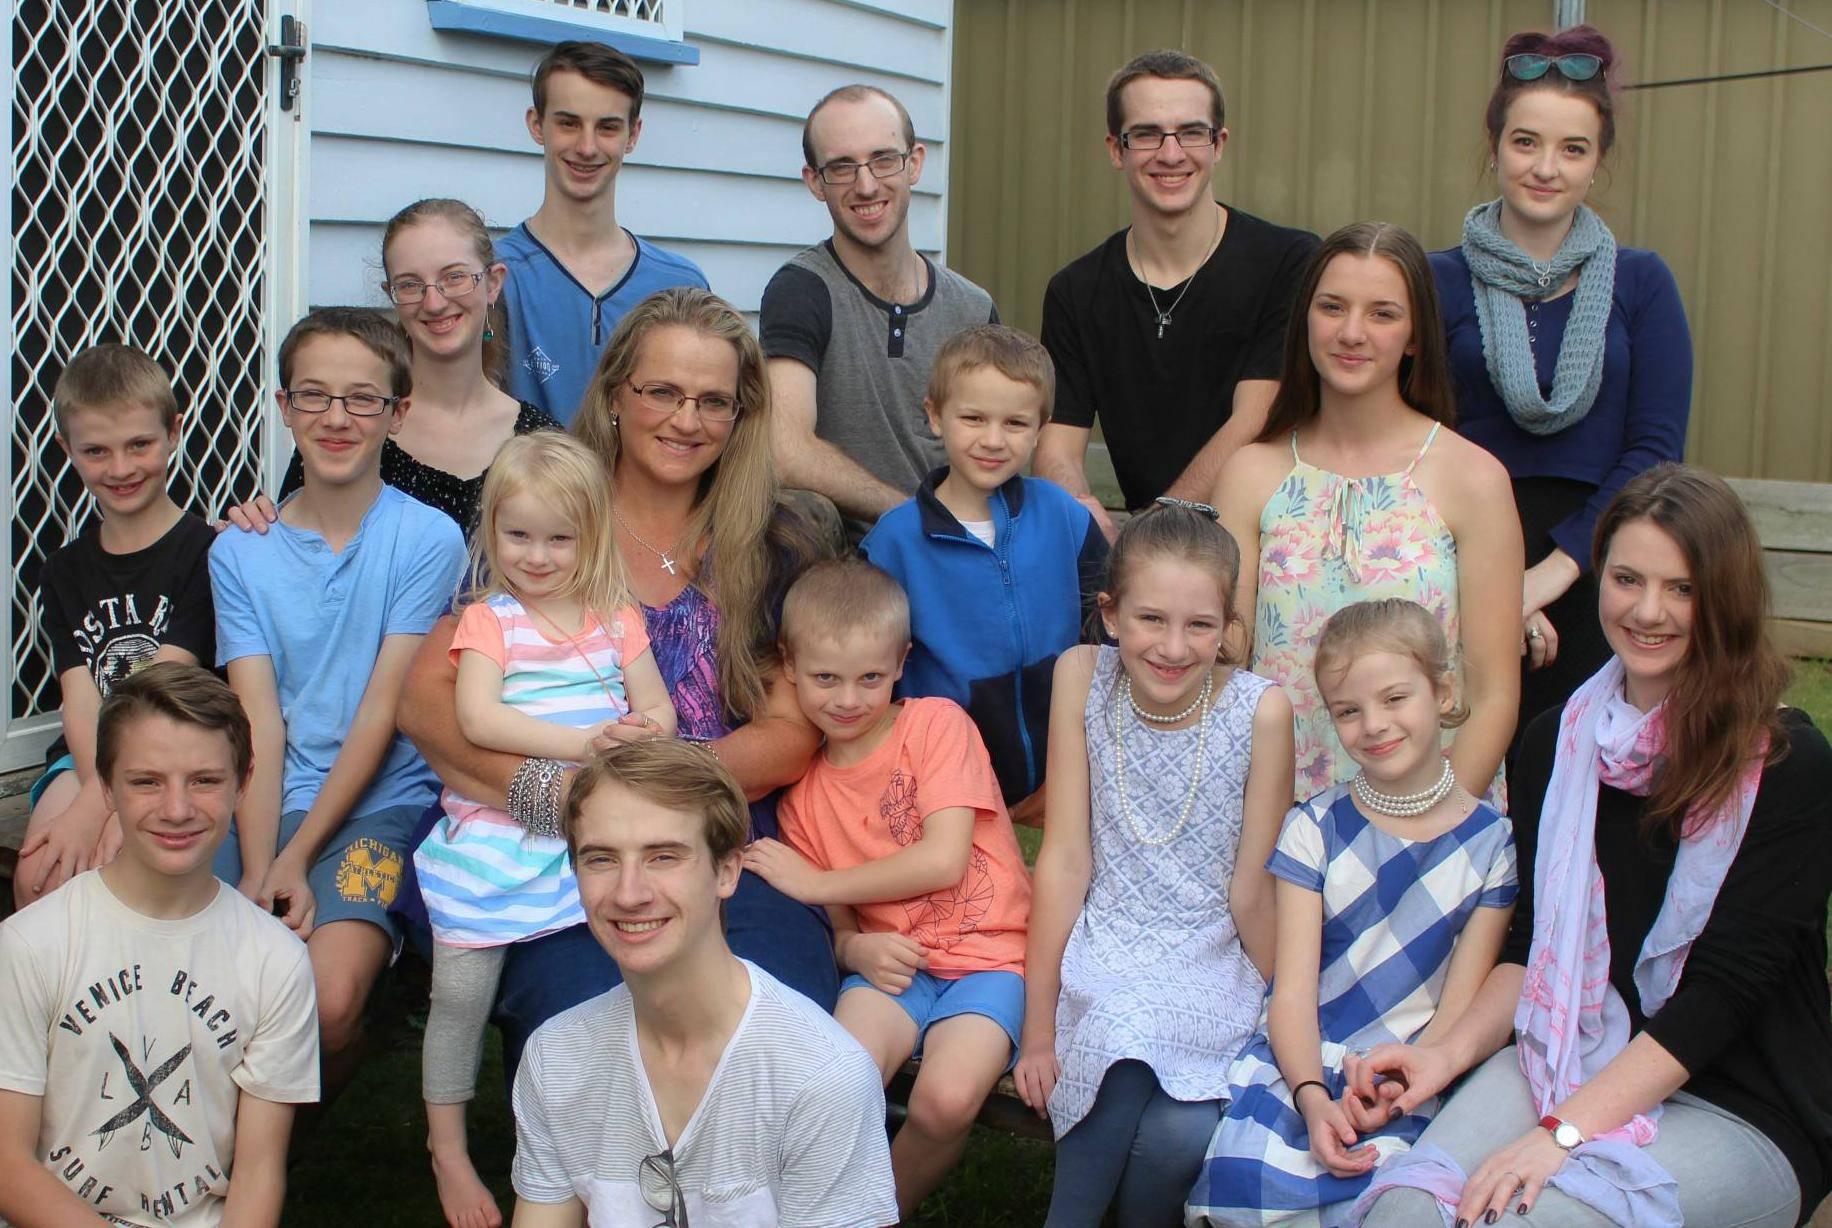 Majka uz 16 djece ima uredan dom - evo kako joj to uspijeva